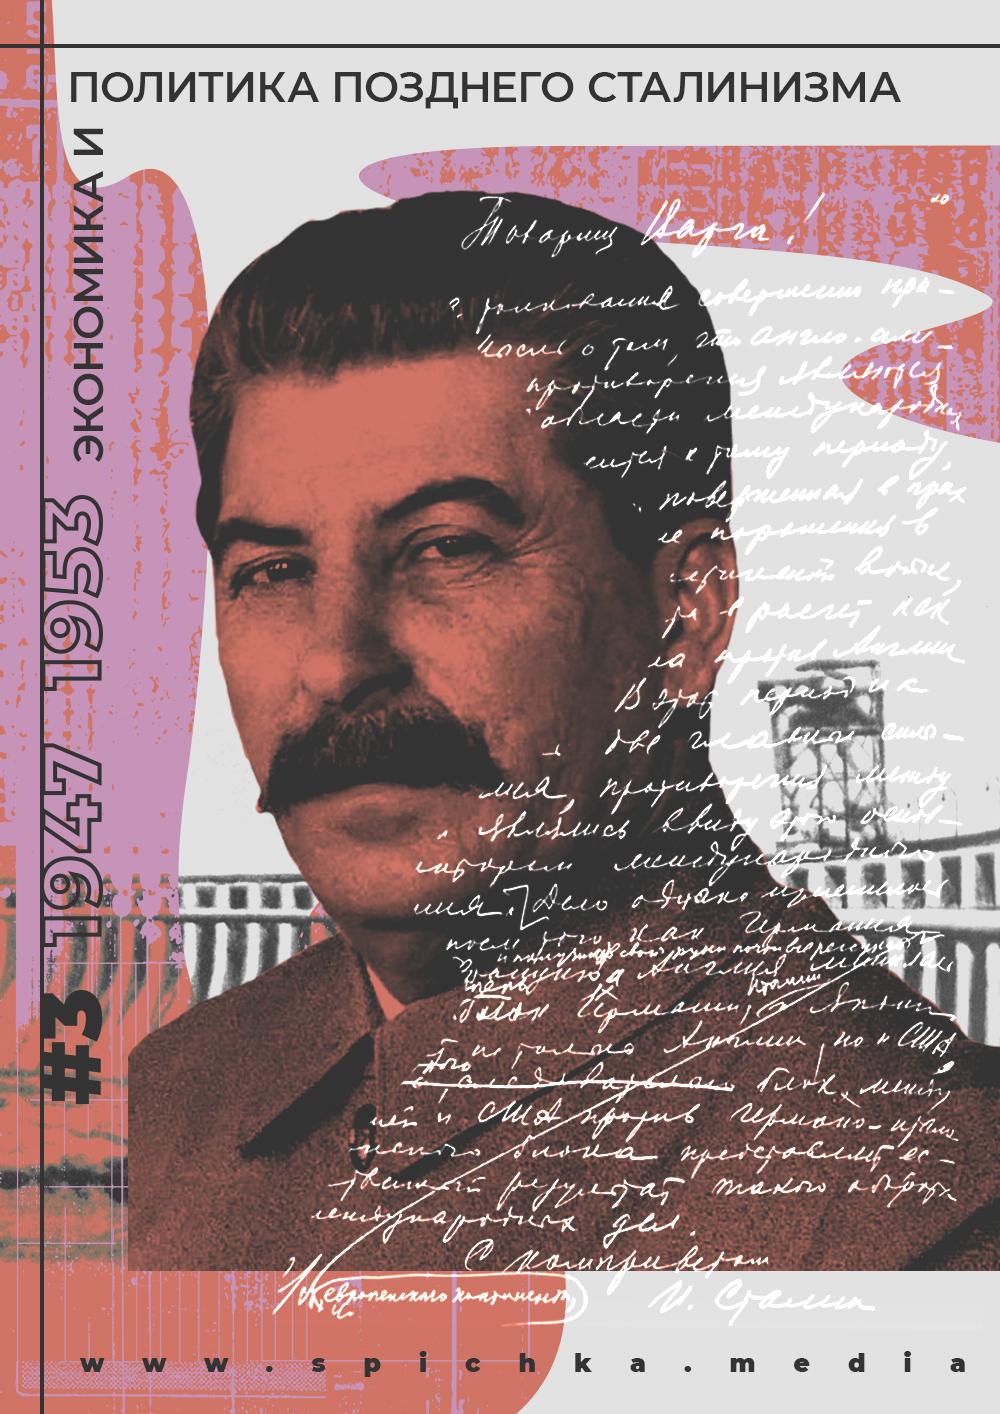 Экономика и политика позднего сталинизма. Часть 3